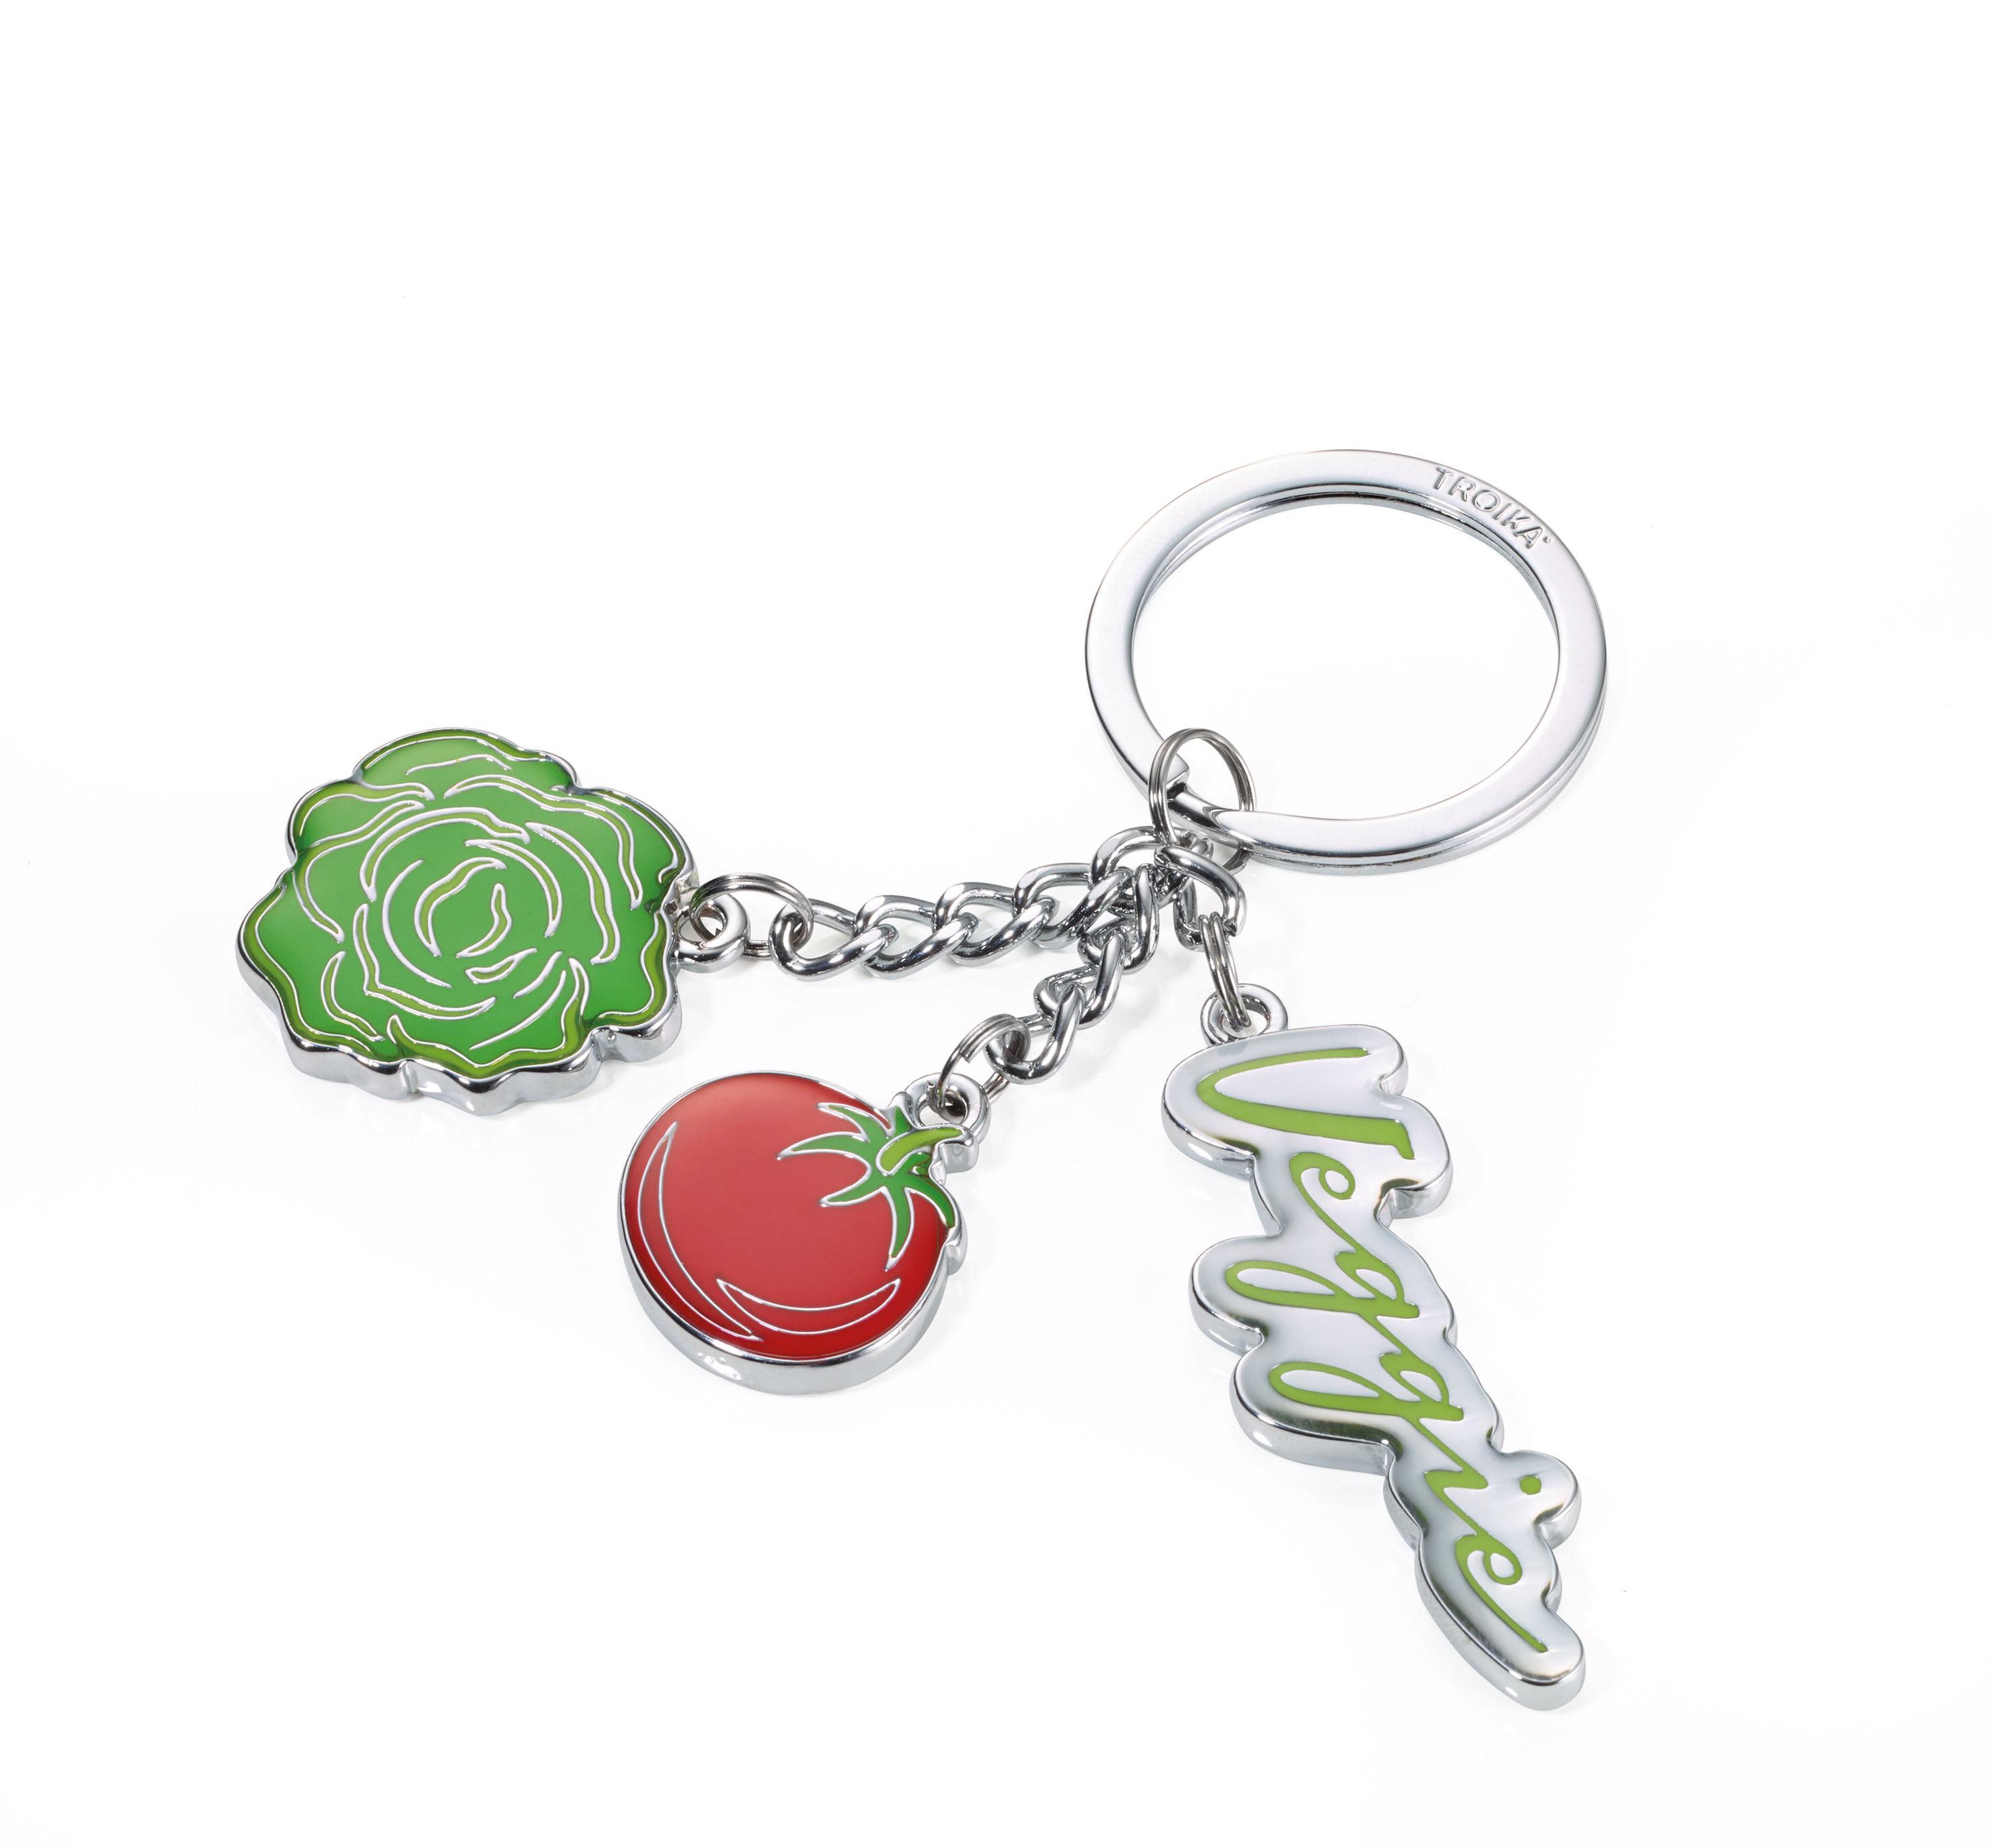 [TROIKA]美顏蔬果金屬鑰匙圈